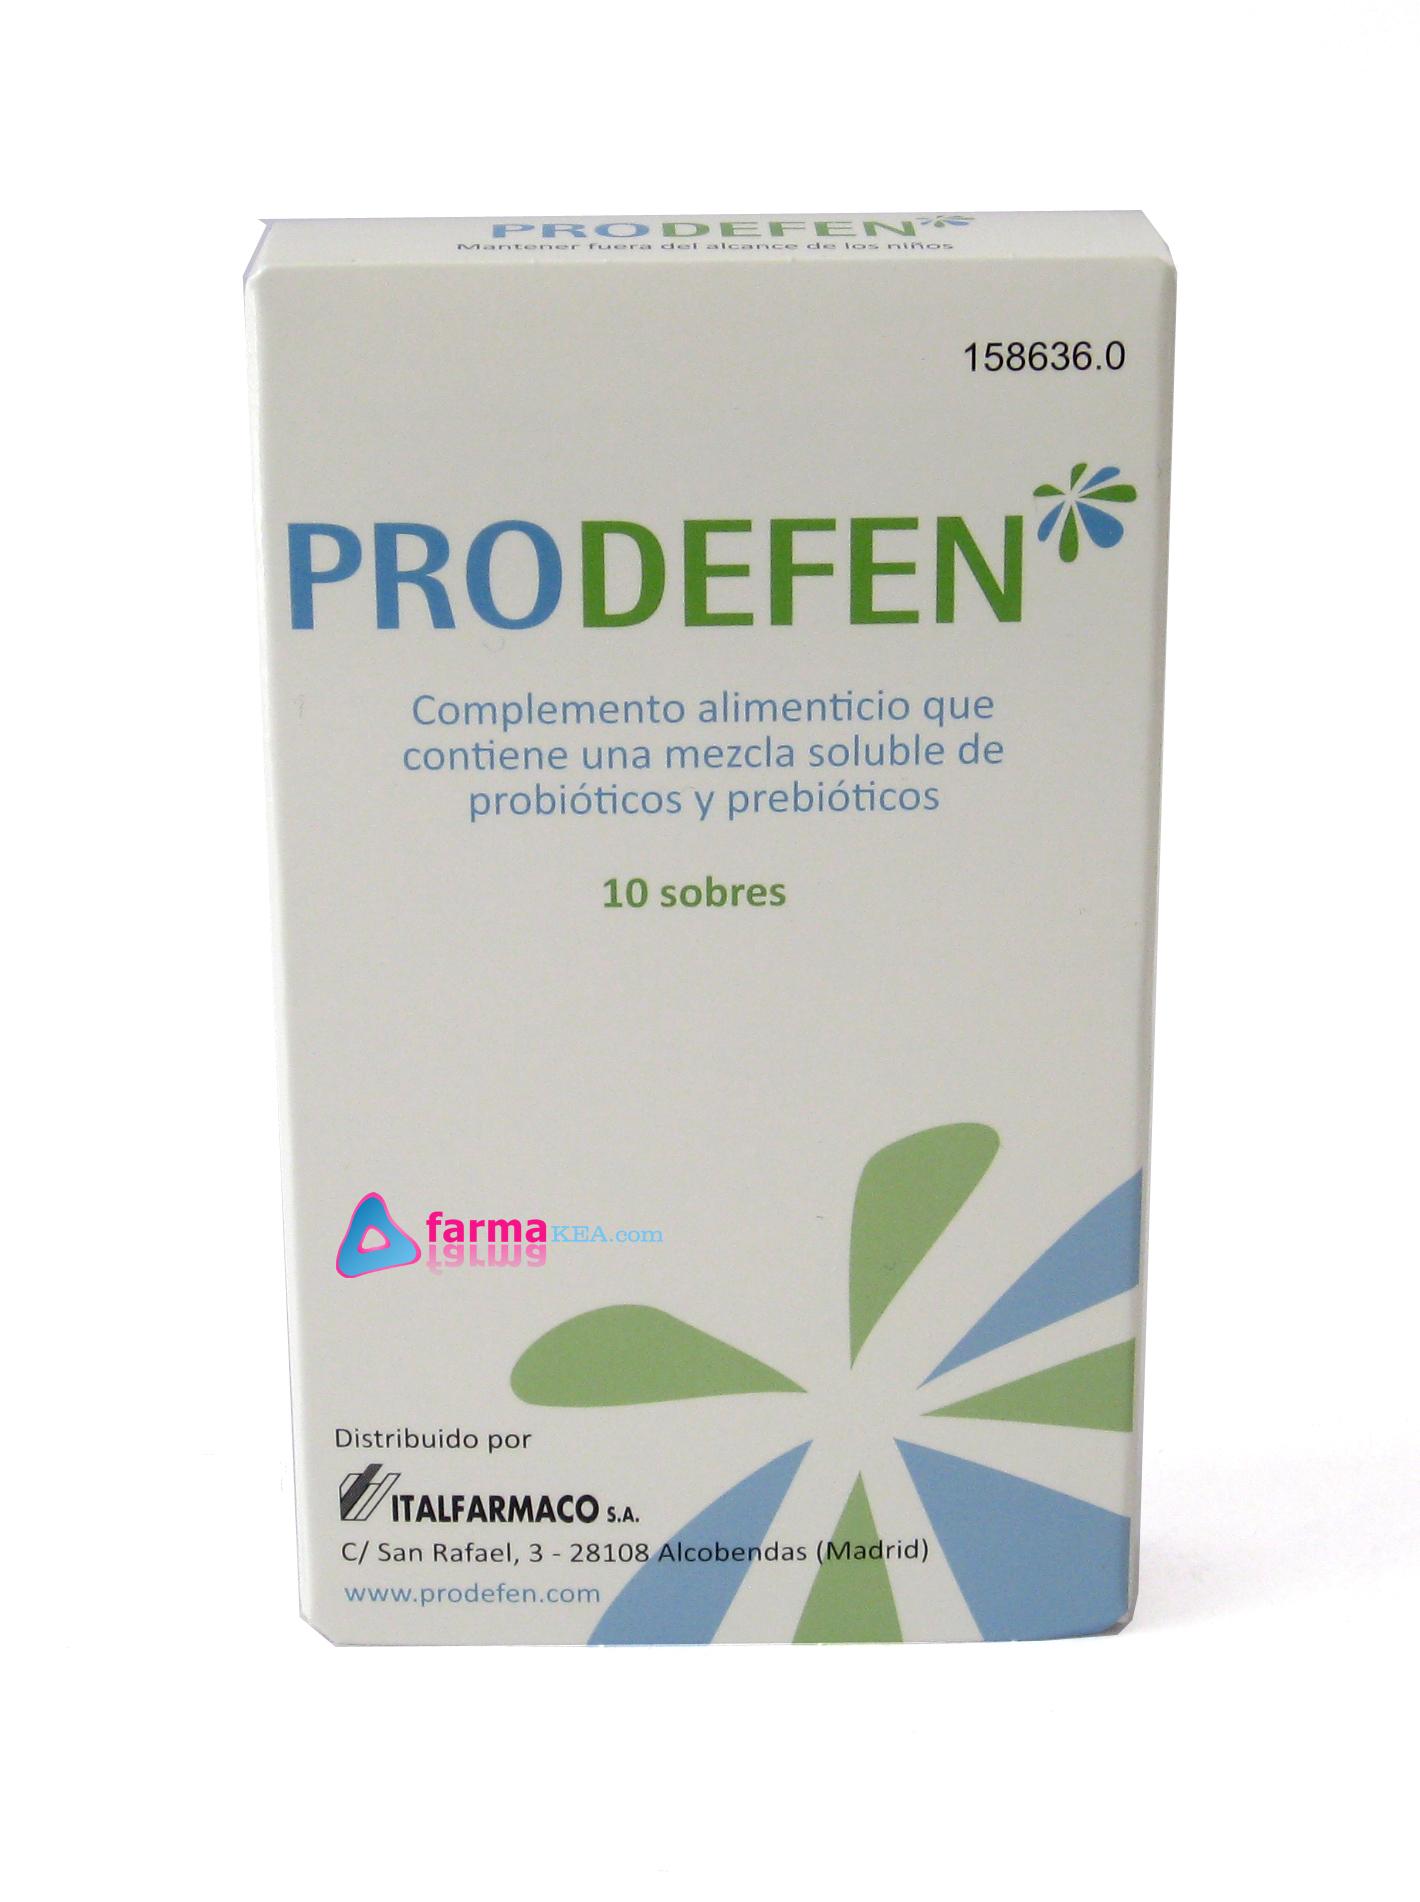 Farmakea prodefen con probioticos y prebioticos 10 sobres - Alimentos con probioticos y prebioticos ...